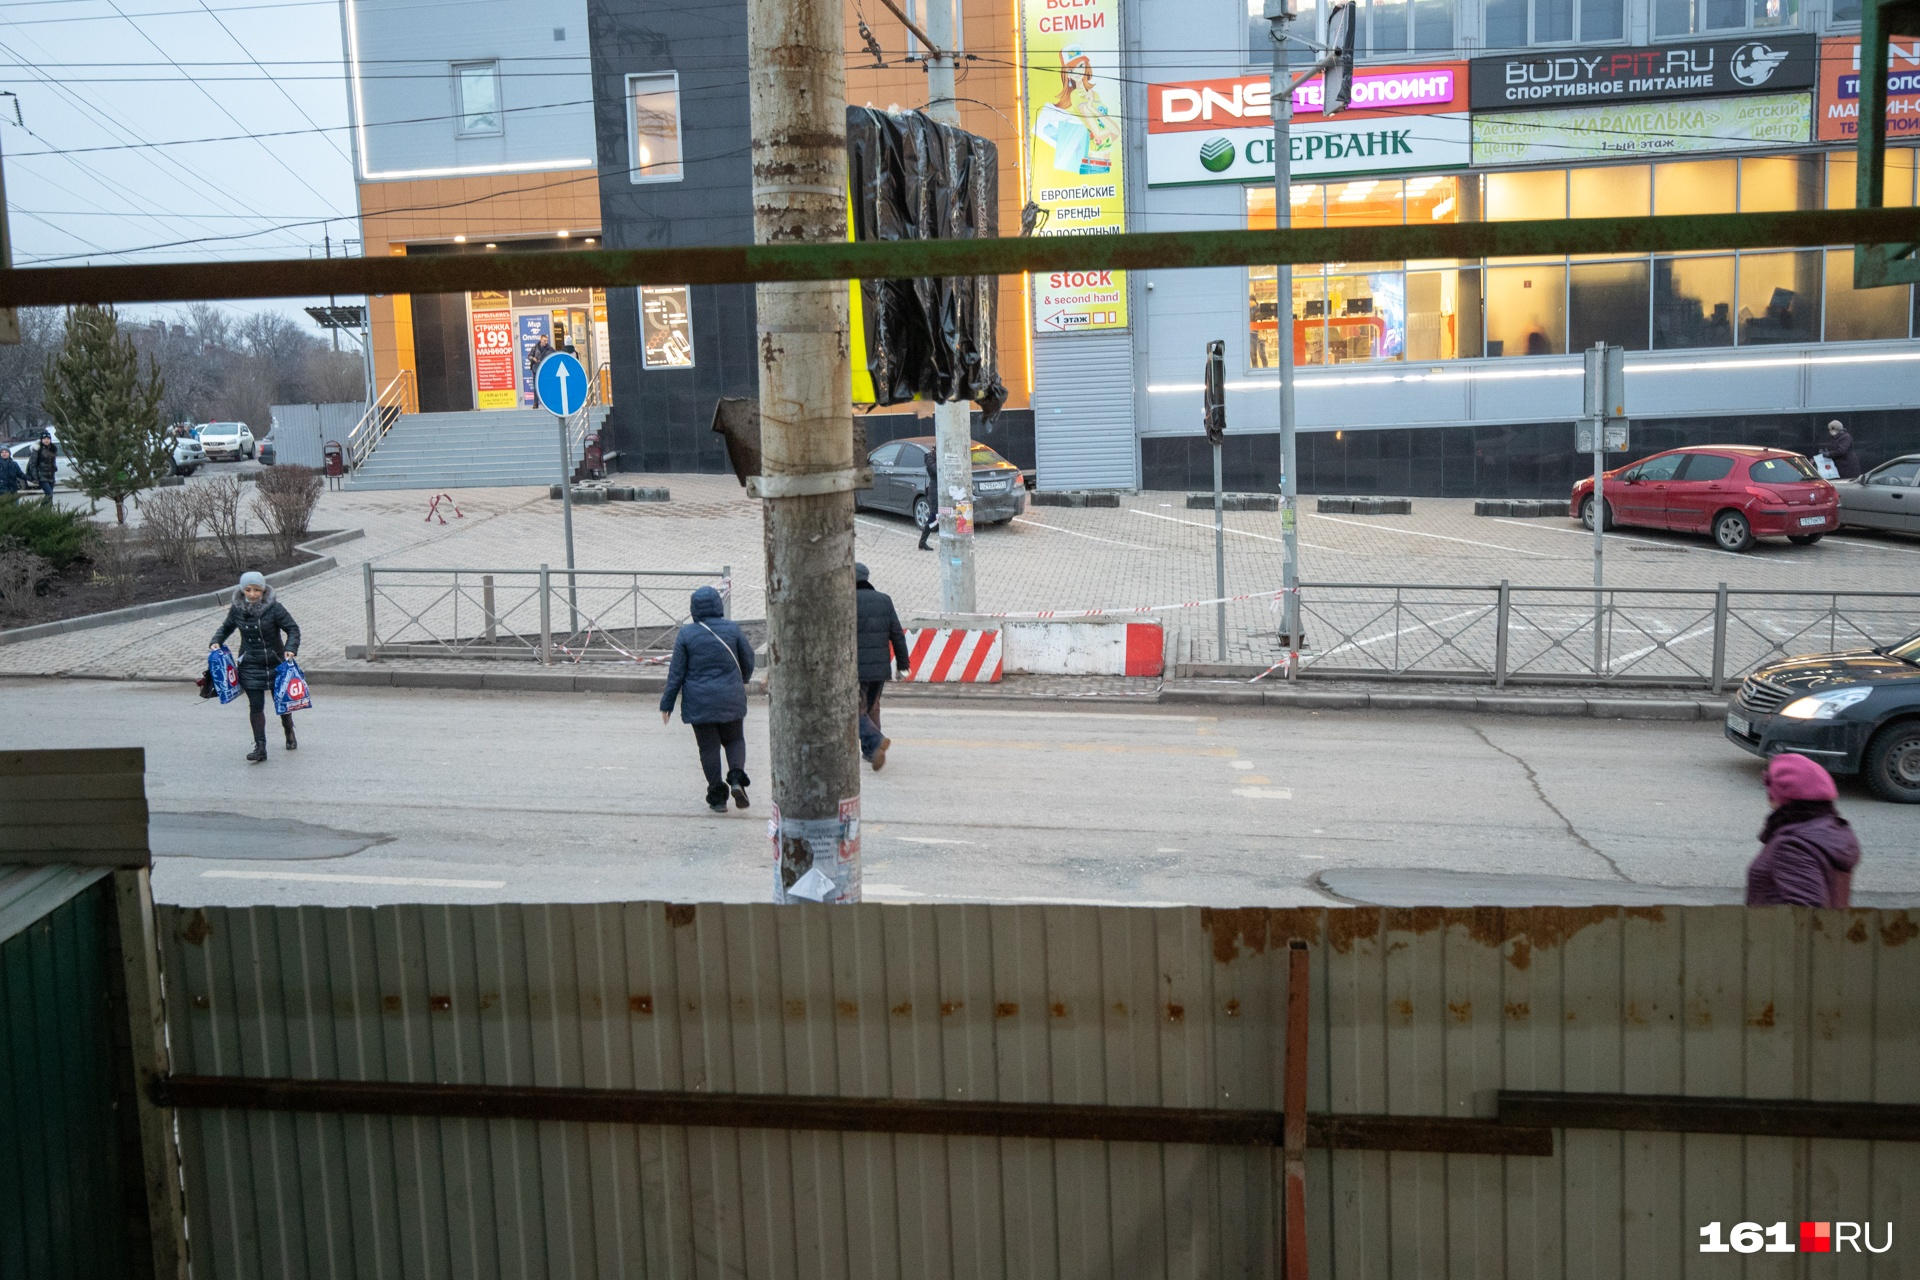 Люди переходят дорогу даже под завешенным знаком